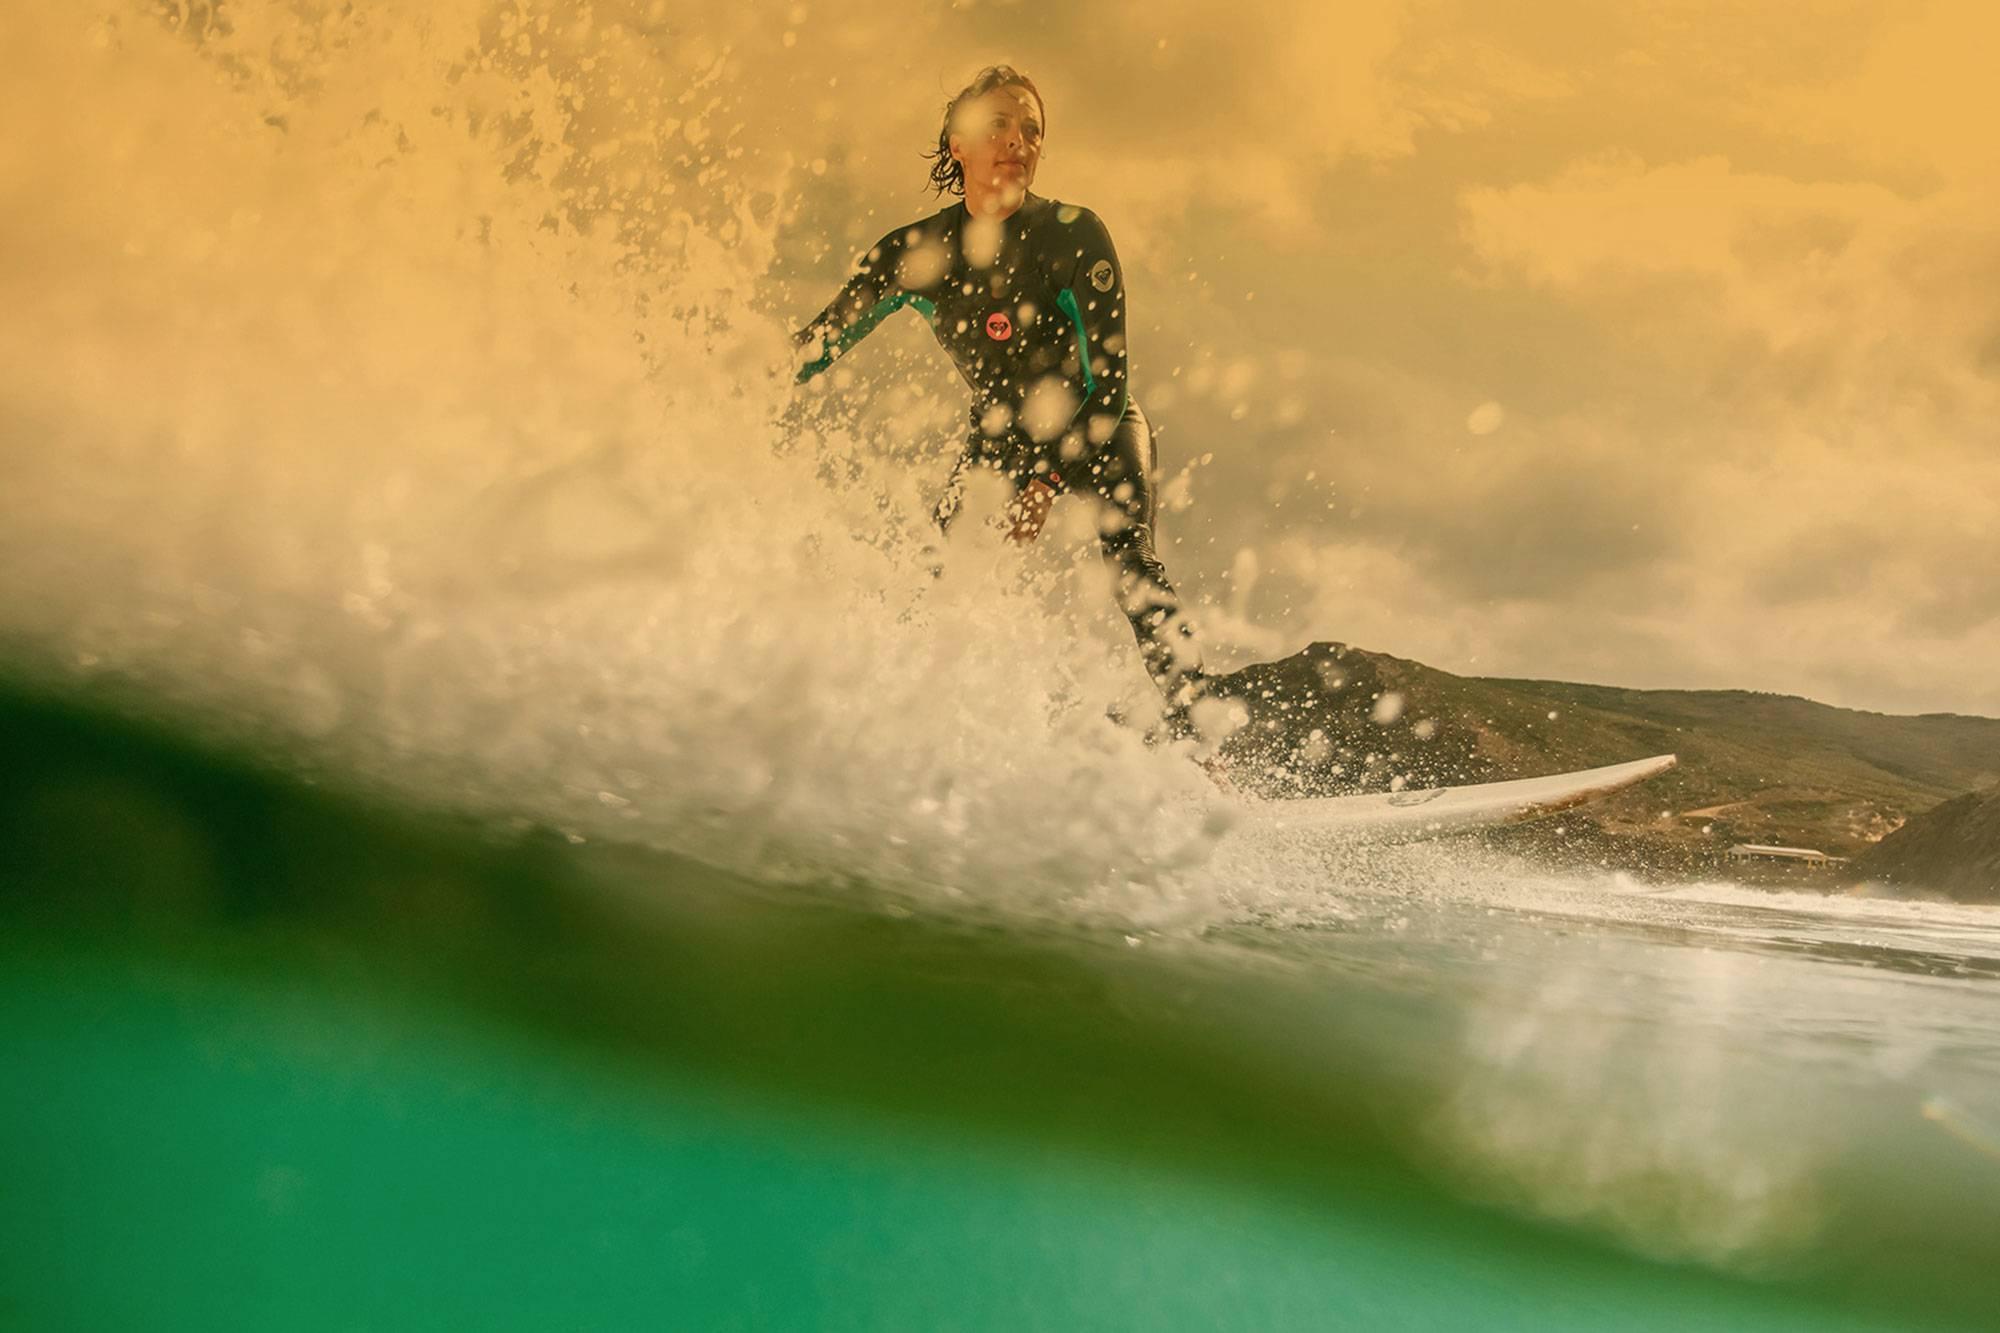 https://www.soulandsurf.com/wp-content/uploads/2021/09/RetreatsPortugal-images-I11A8428-copy.jpg